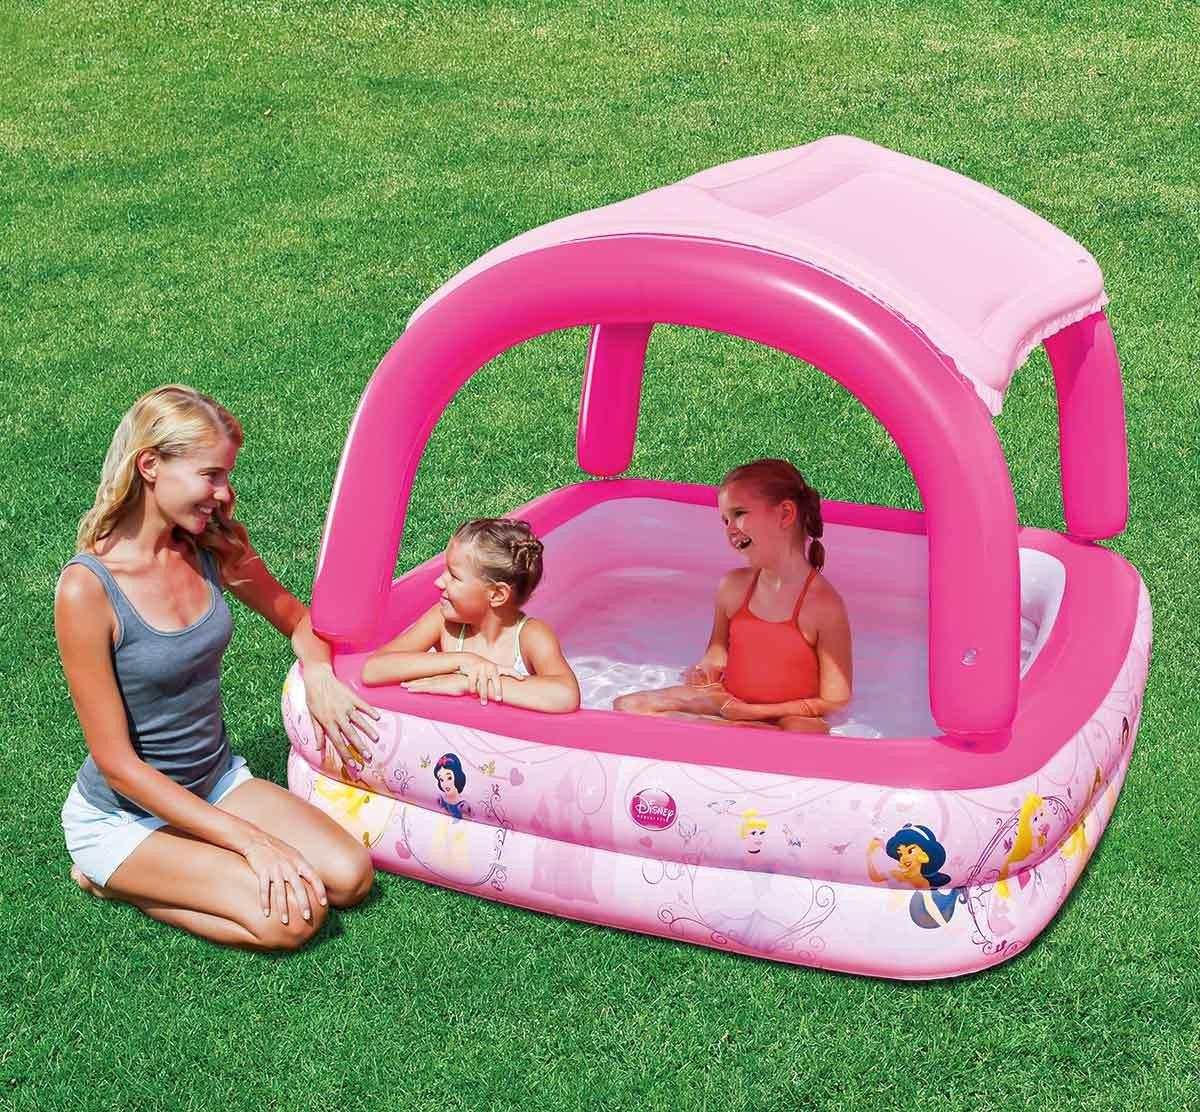 Bestway Inflatable Pool Disney Princess-91057